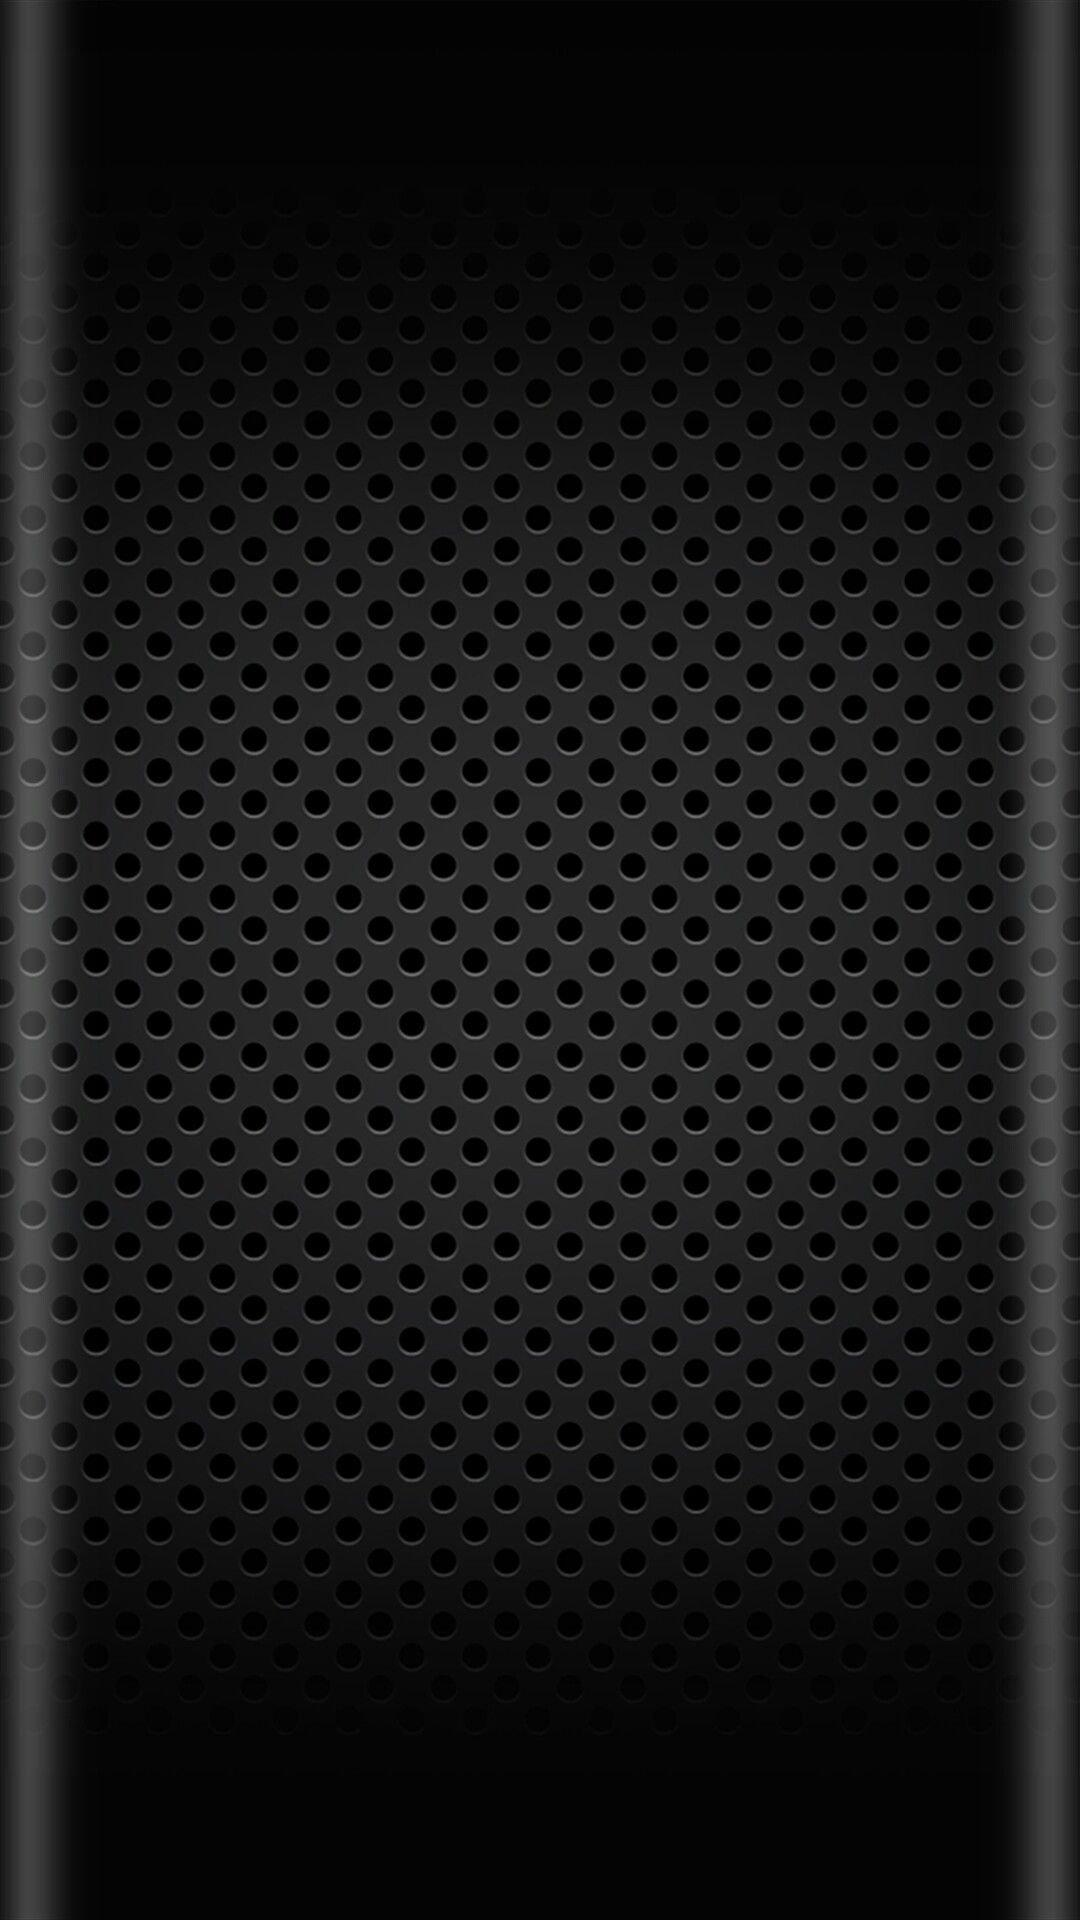 Темные обои на телефон андроид вертикальные